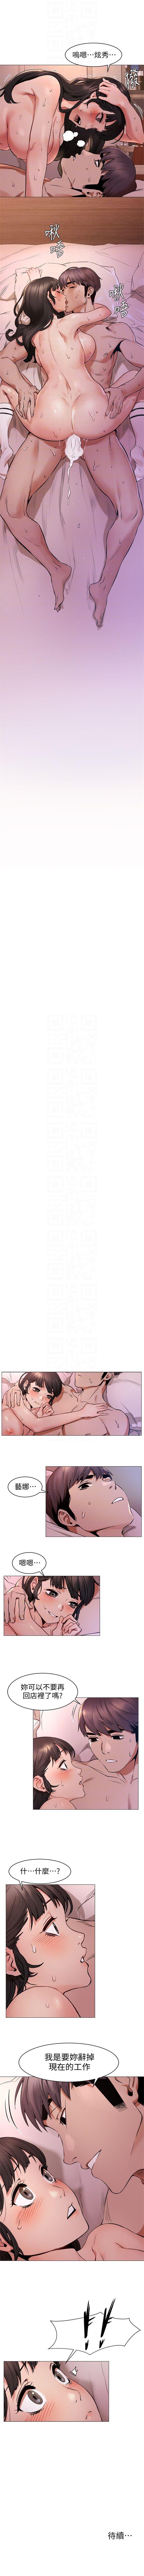 (週5)衝突 1-94 中文翻譯 (更新中) 388